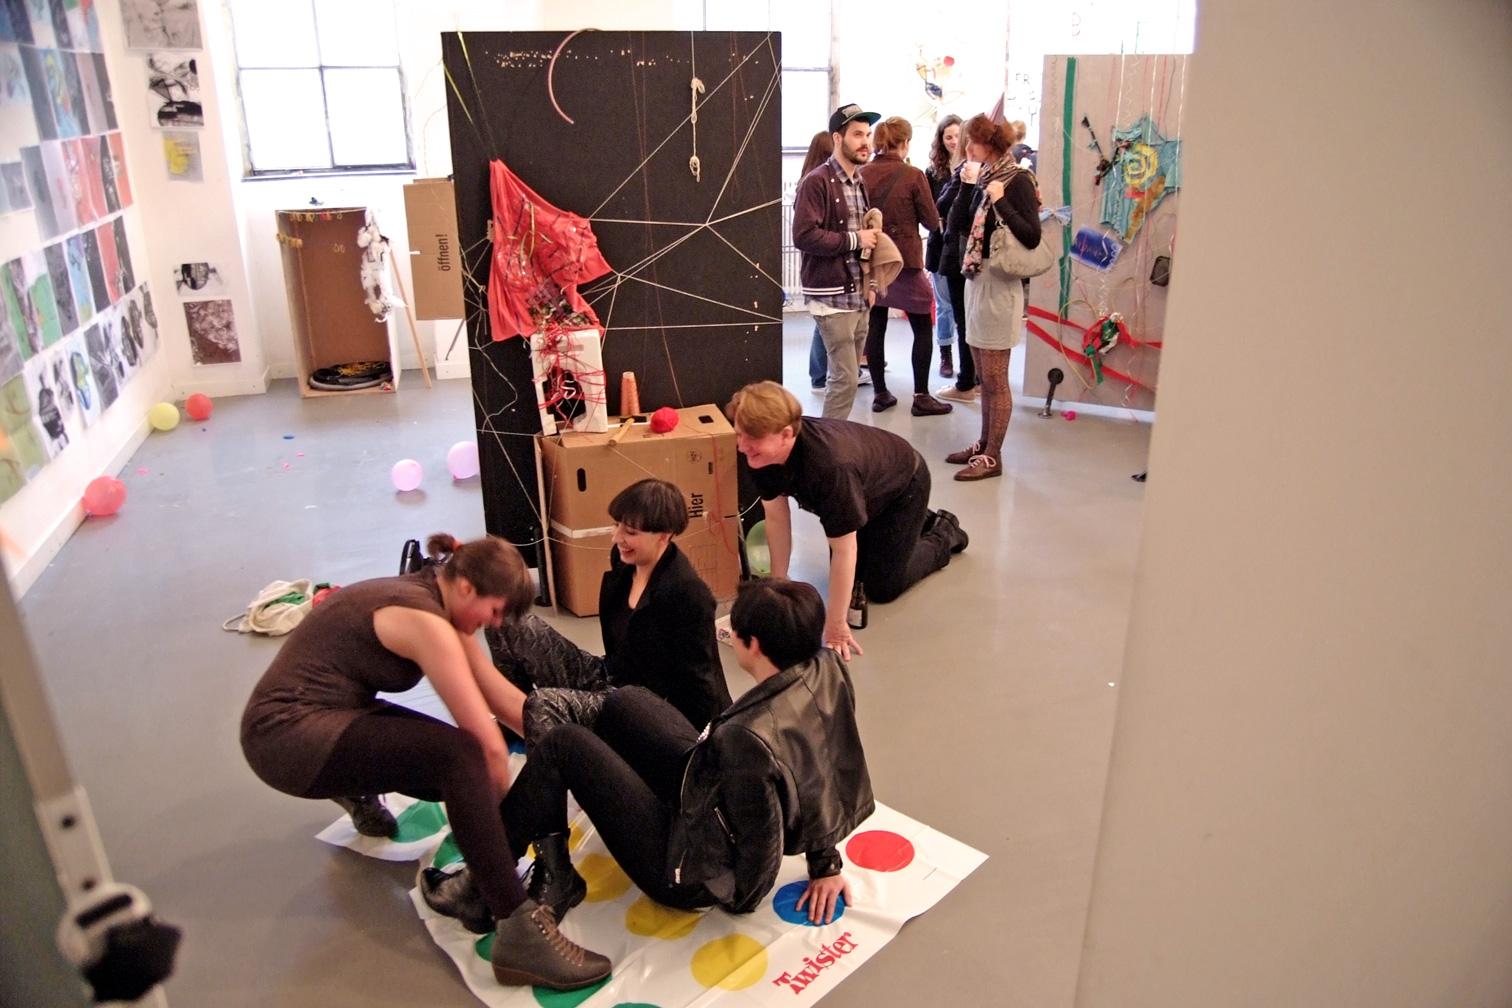 gerrit_schweiger-Rummel-2030-Zukunft-Kinder-Kreativität-Mode-Workshop-Modenschau-Ausstellung-04